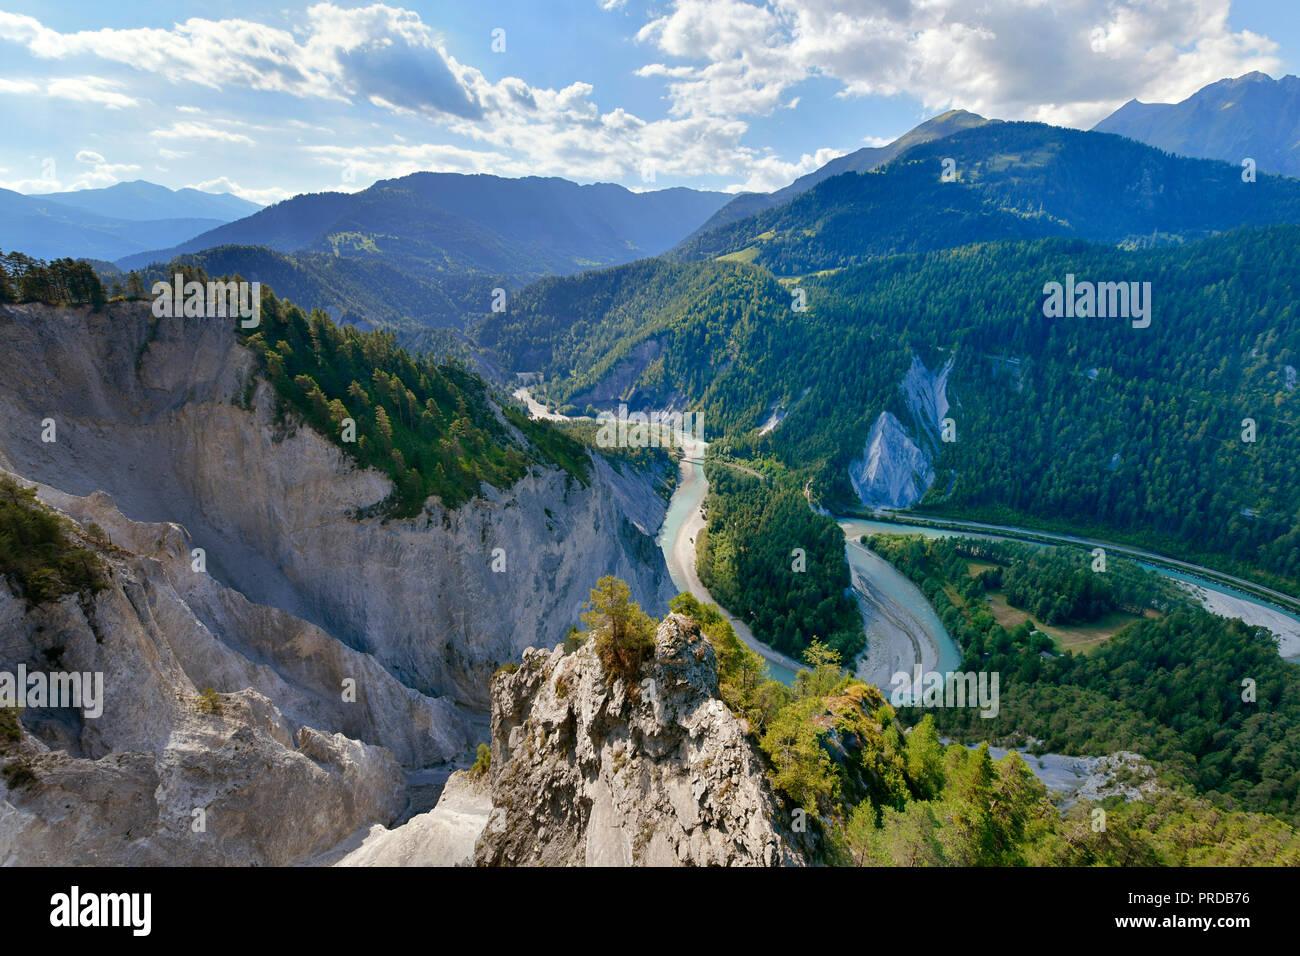 Vue à partir de la plate-forme d'observation Il aux falaises calcaires dans une boucle de la rivière du Vorderrhein, gorges du Rhin ou Ruinaulta, Flims Photo Stock